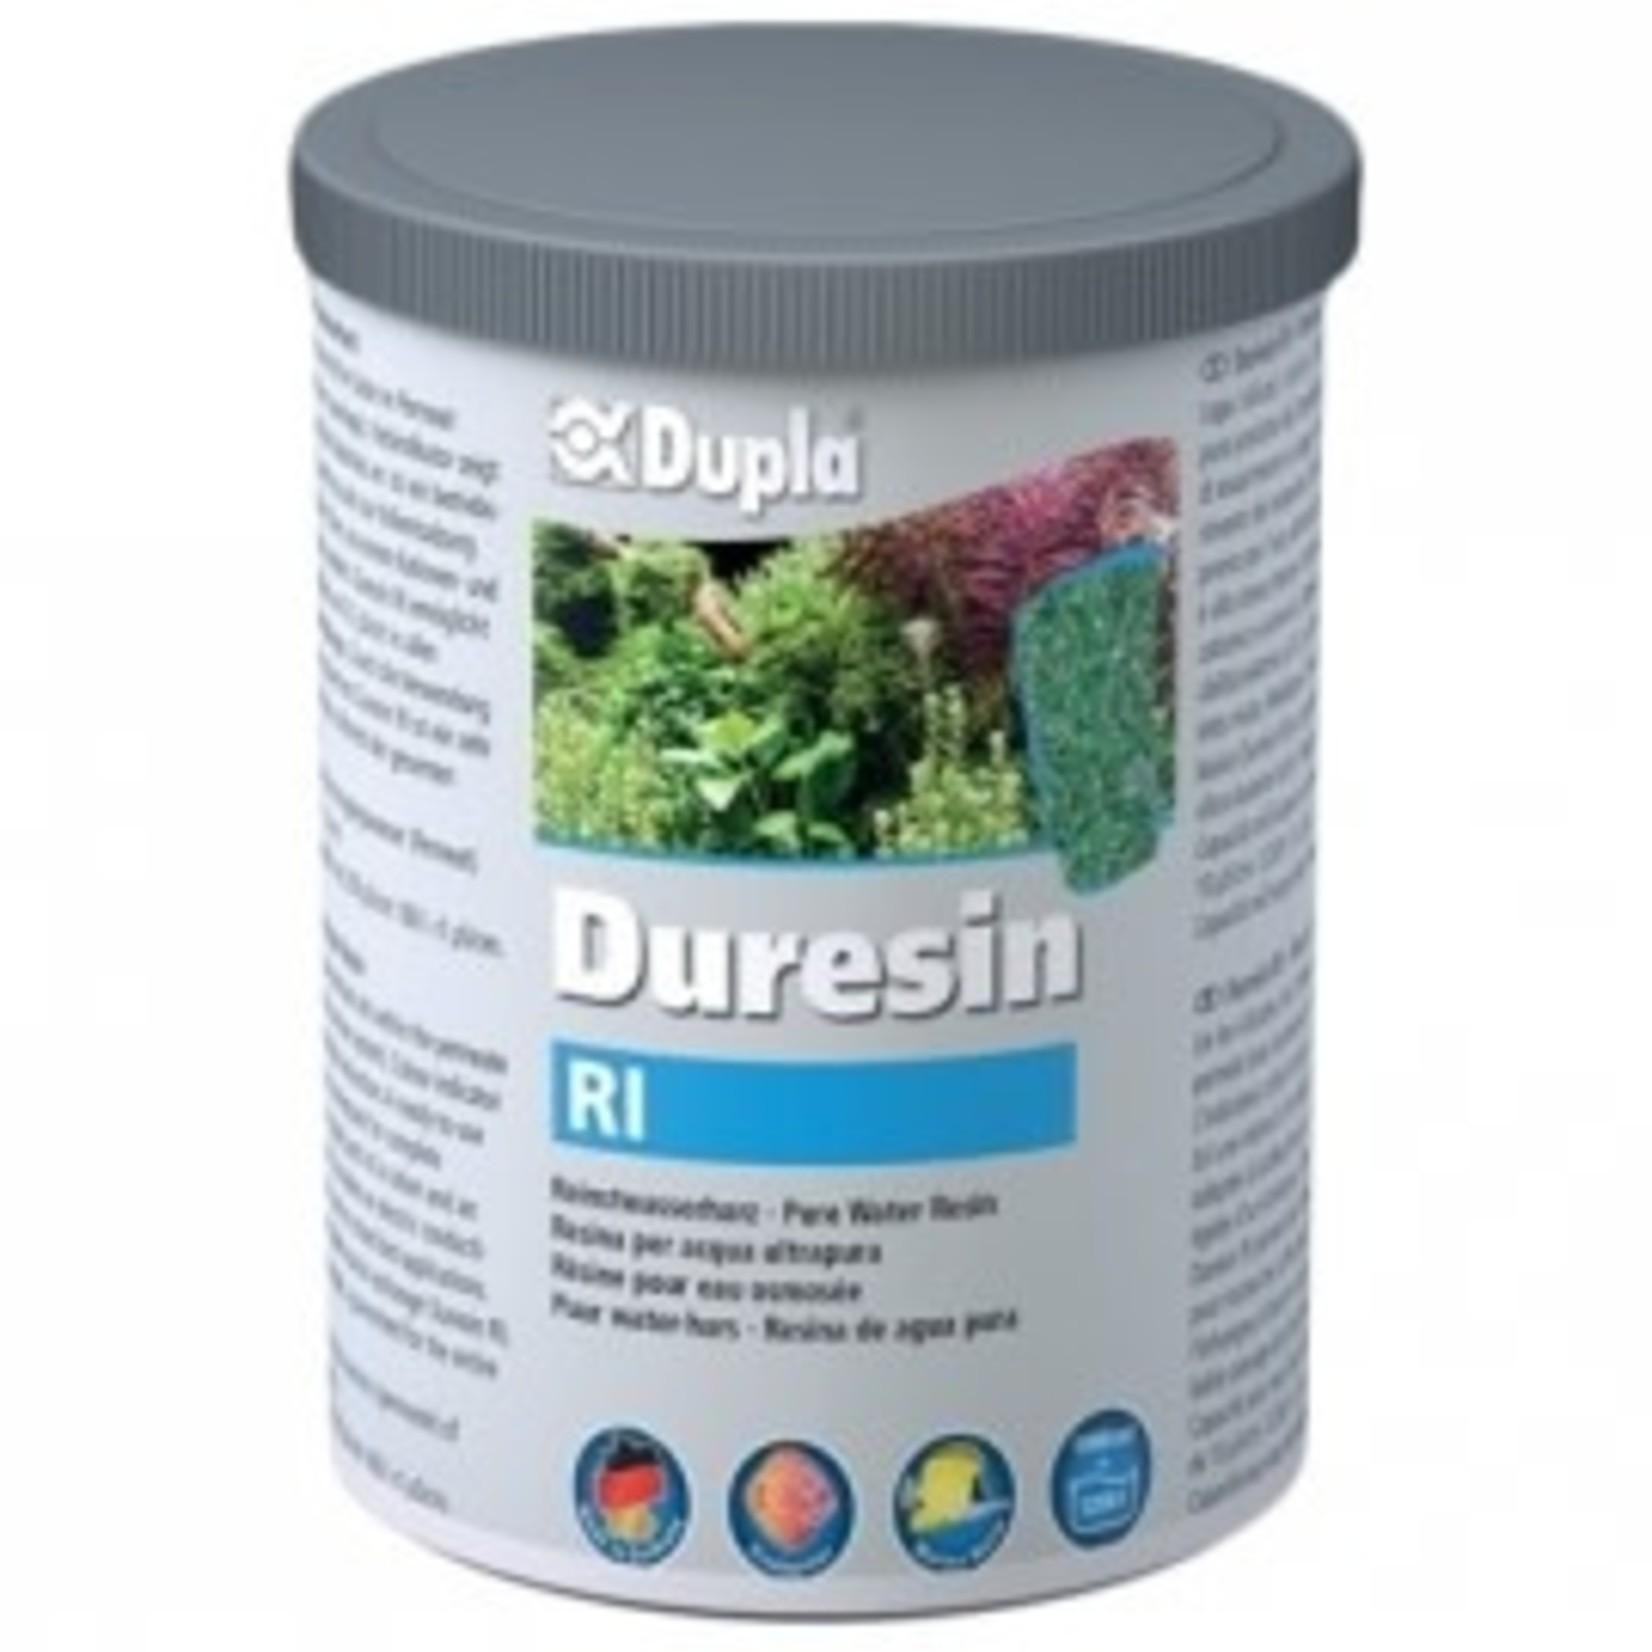 Dupla Duresin RI 1000ml DUPLA (resine pour eau de haute